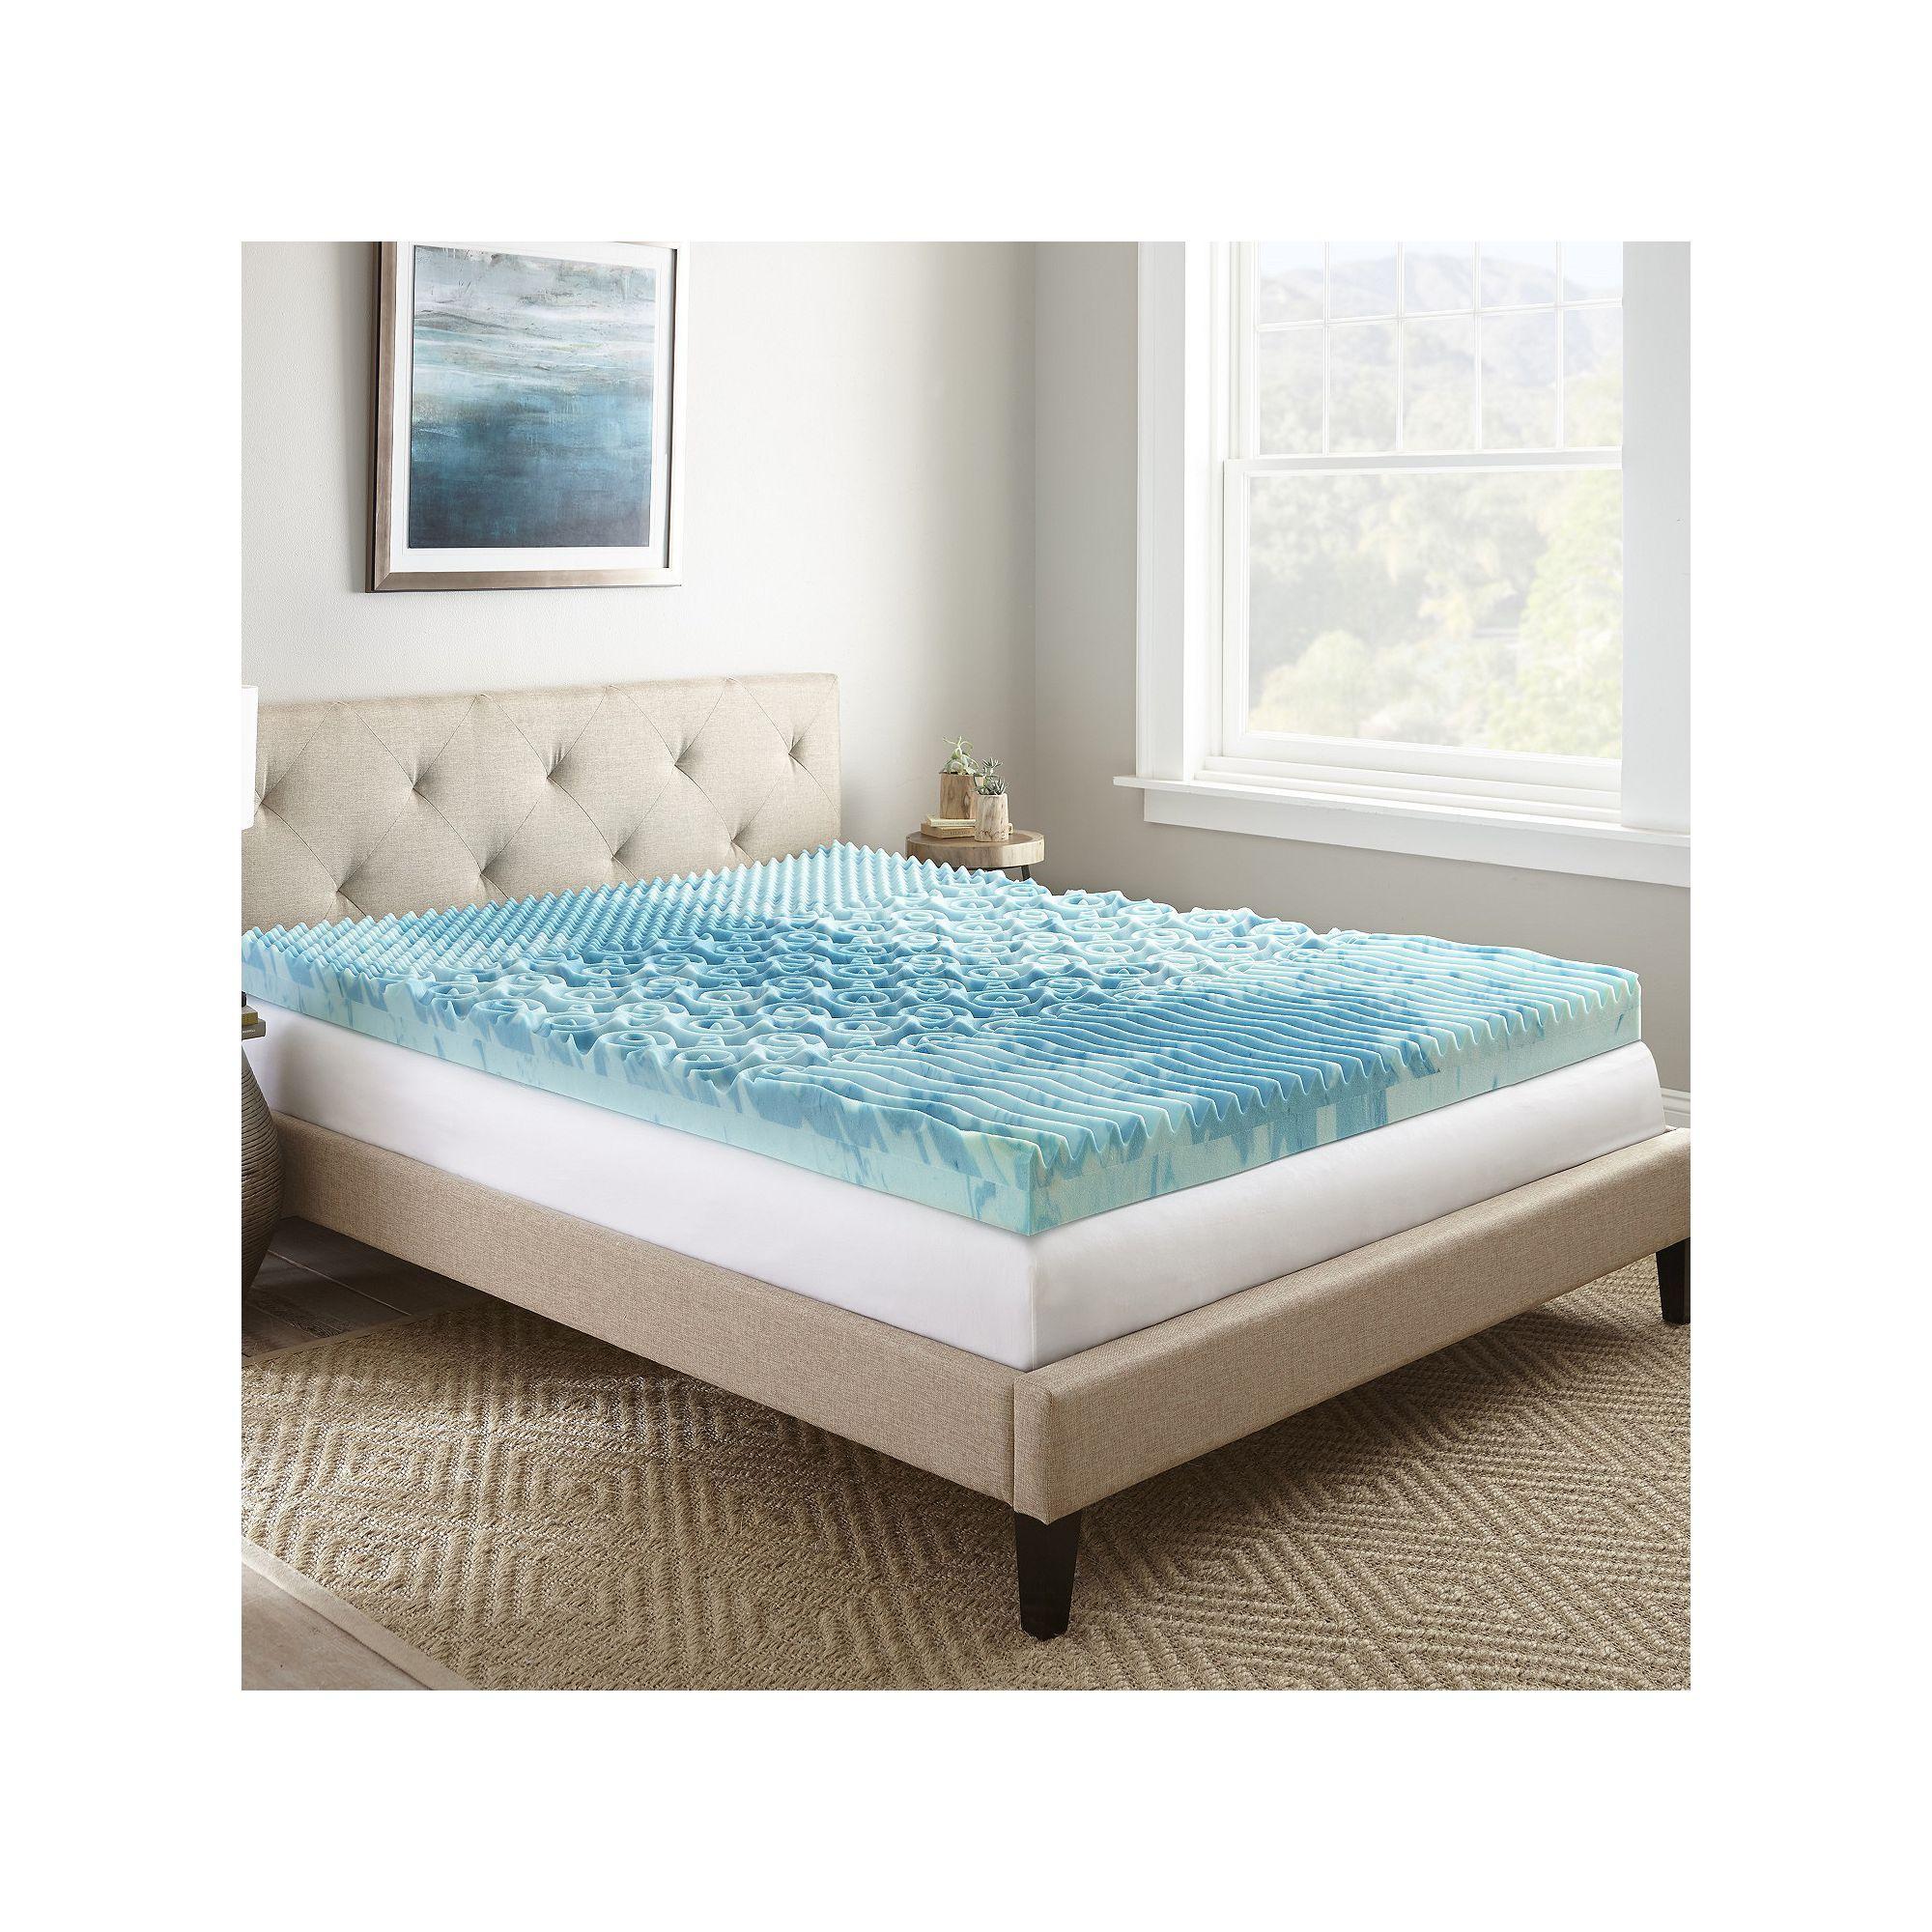 beautyrest walmart inch ultimate memory topper com foam ip mattress collection comfort studio